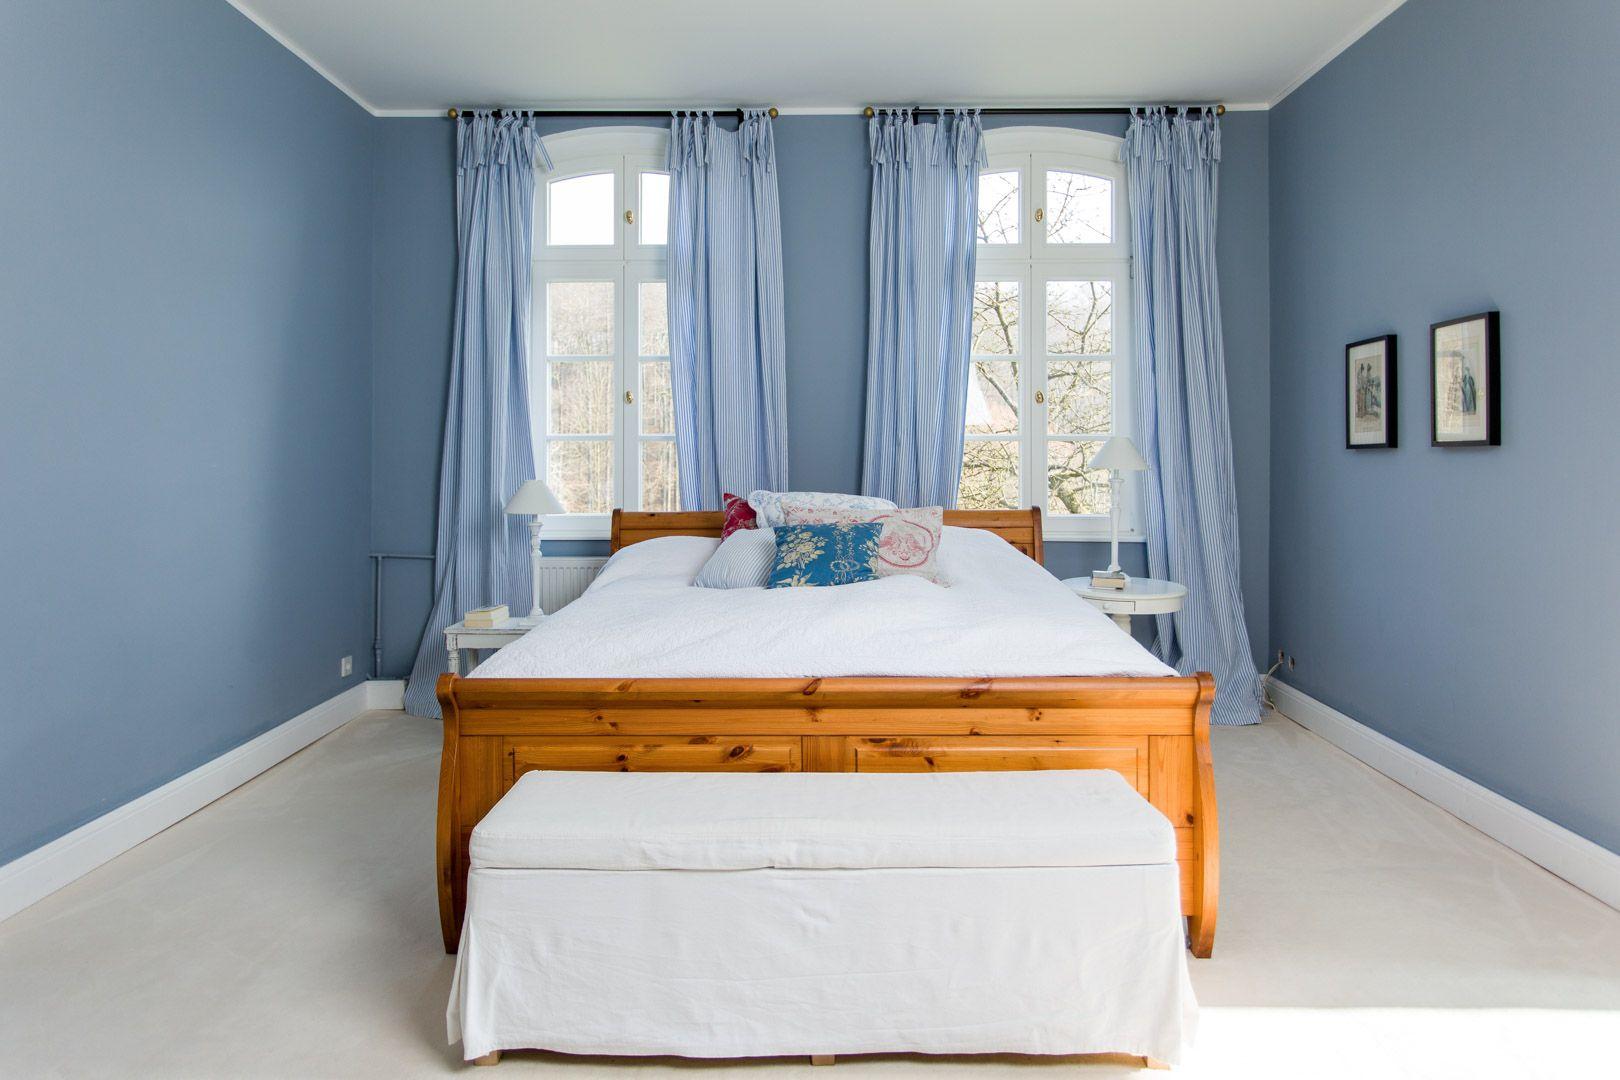 Ein Traum in blau... (mit Bildern) Schöner wohnen